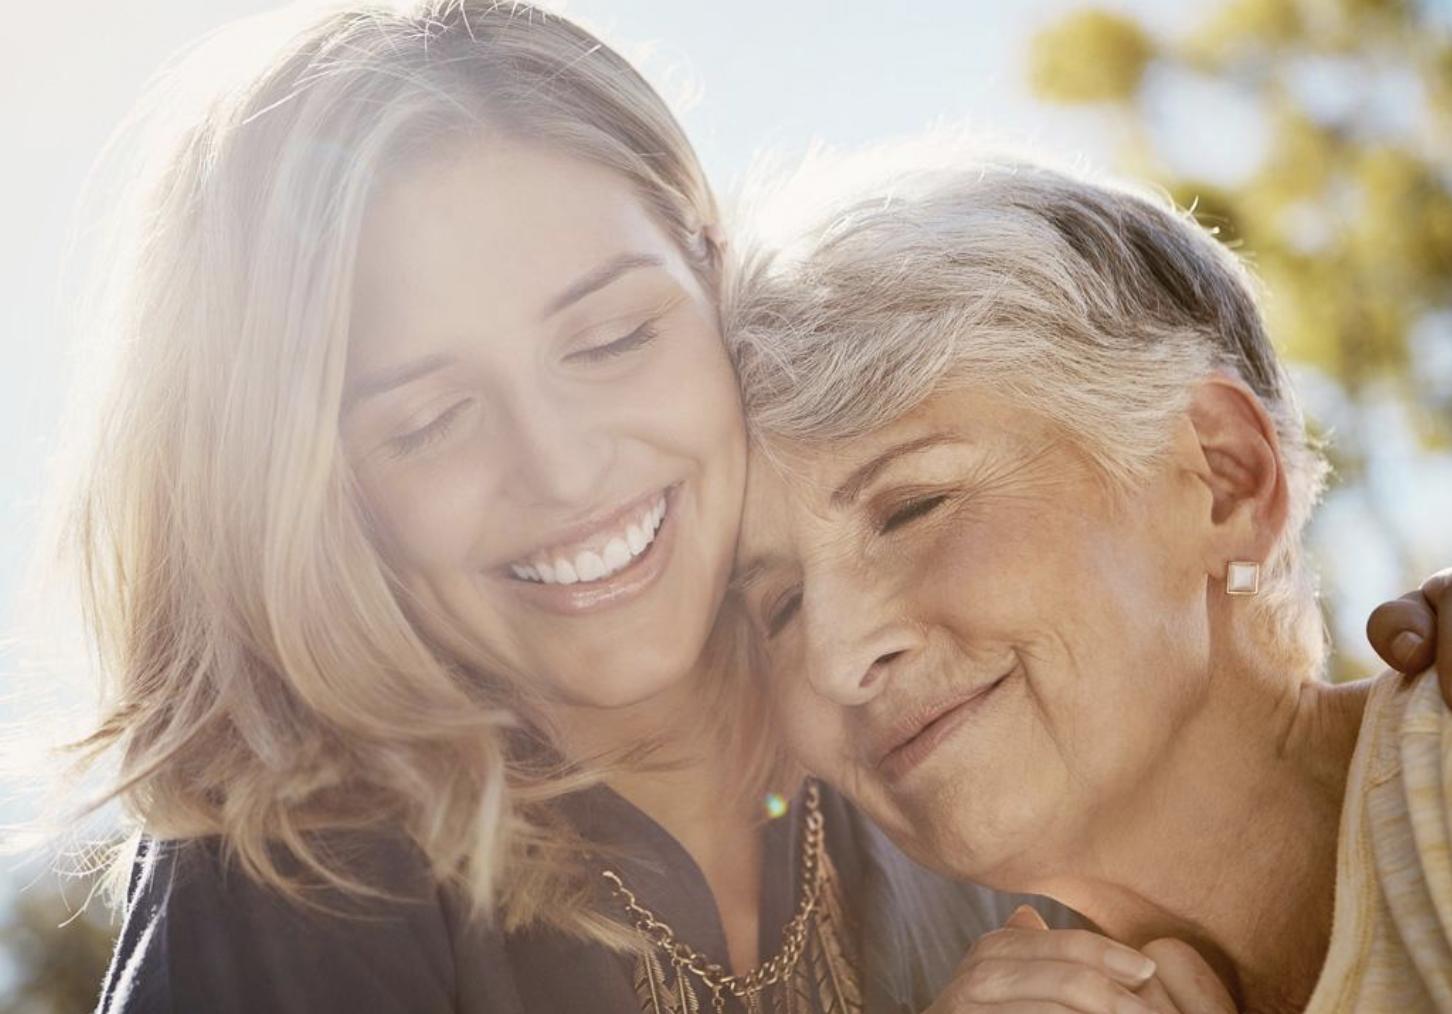 Mensajes Día de la Madre 2020: saludos, frases, palabras, poemas para mamá en su día | Imágenes